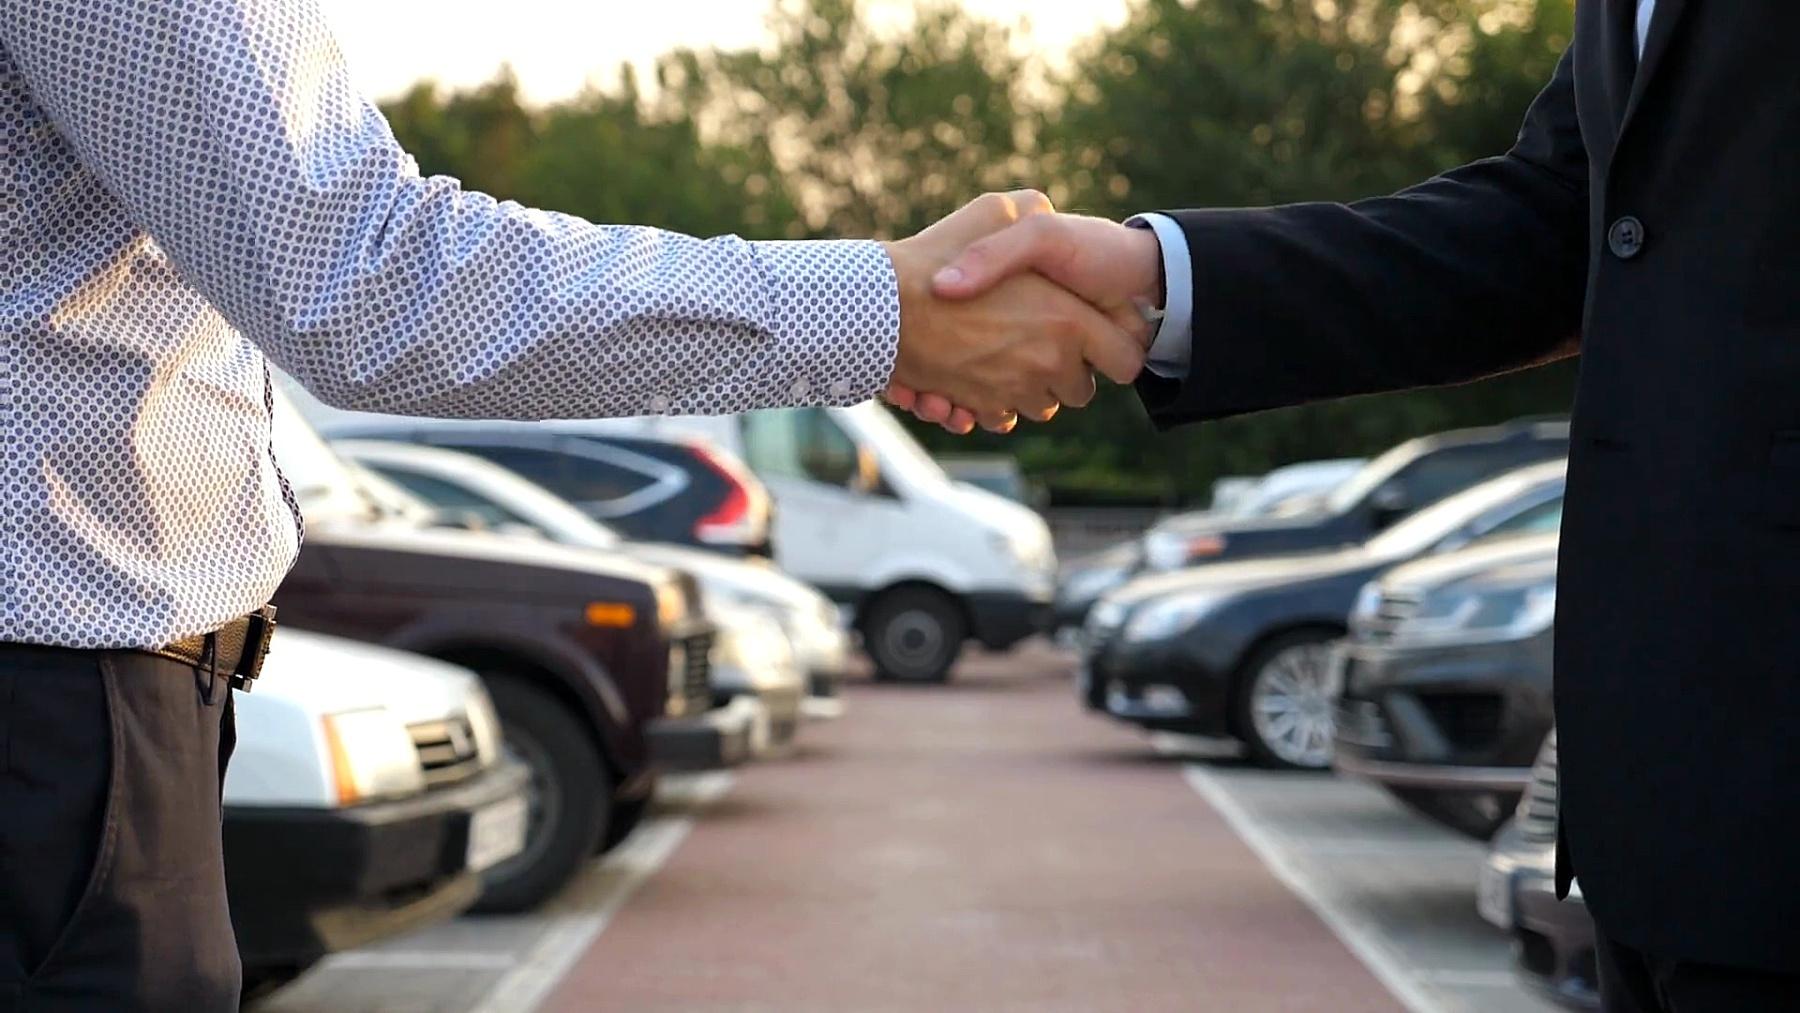 两个面目全非的商人互相握手,背景是停在停车场的汽车。户外经理或客户之间的握手。伙伴们在外面握手。关闭慢动作侧视图